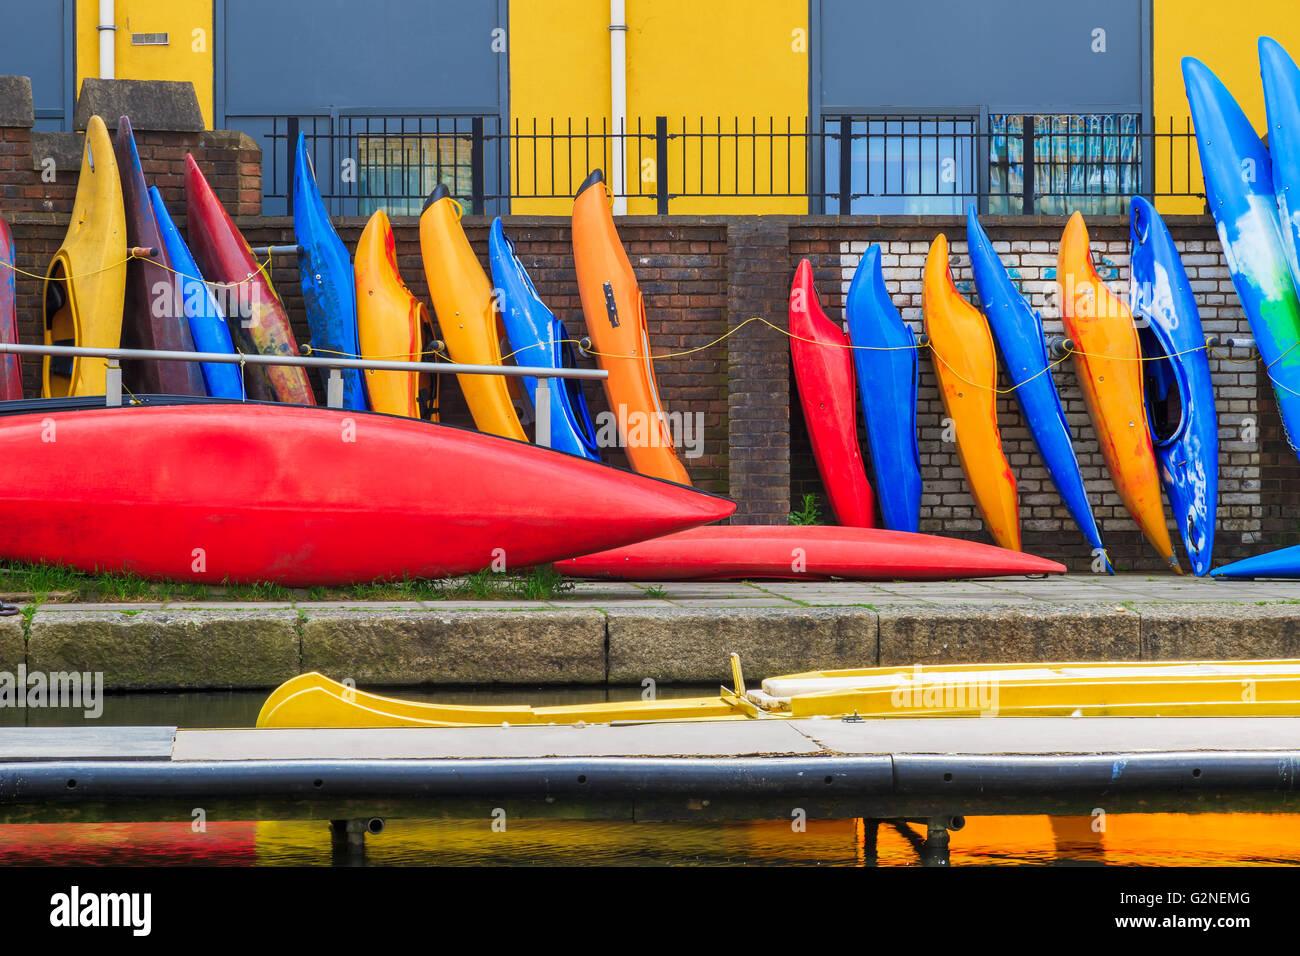 Reihe von bunten Kajaks Ziegelwand gelehnt, auf der Regent es Canal in London Stockbild